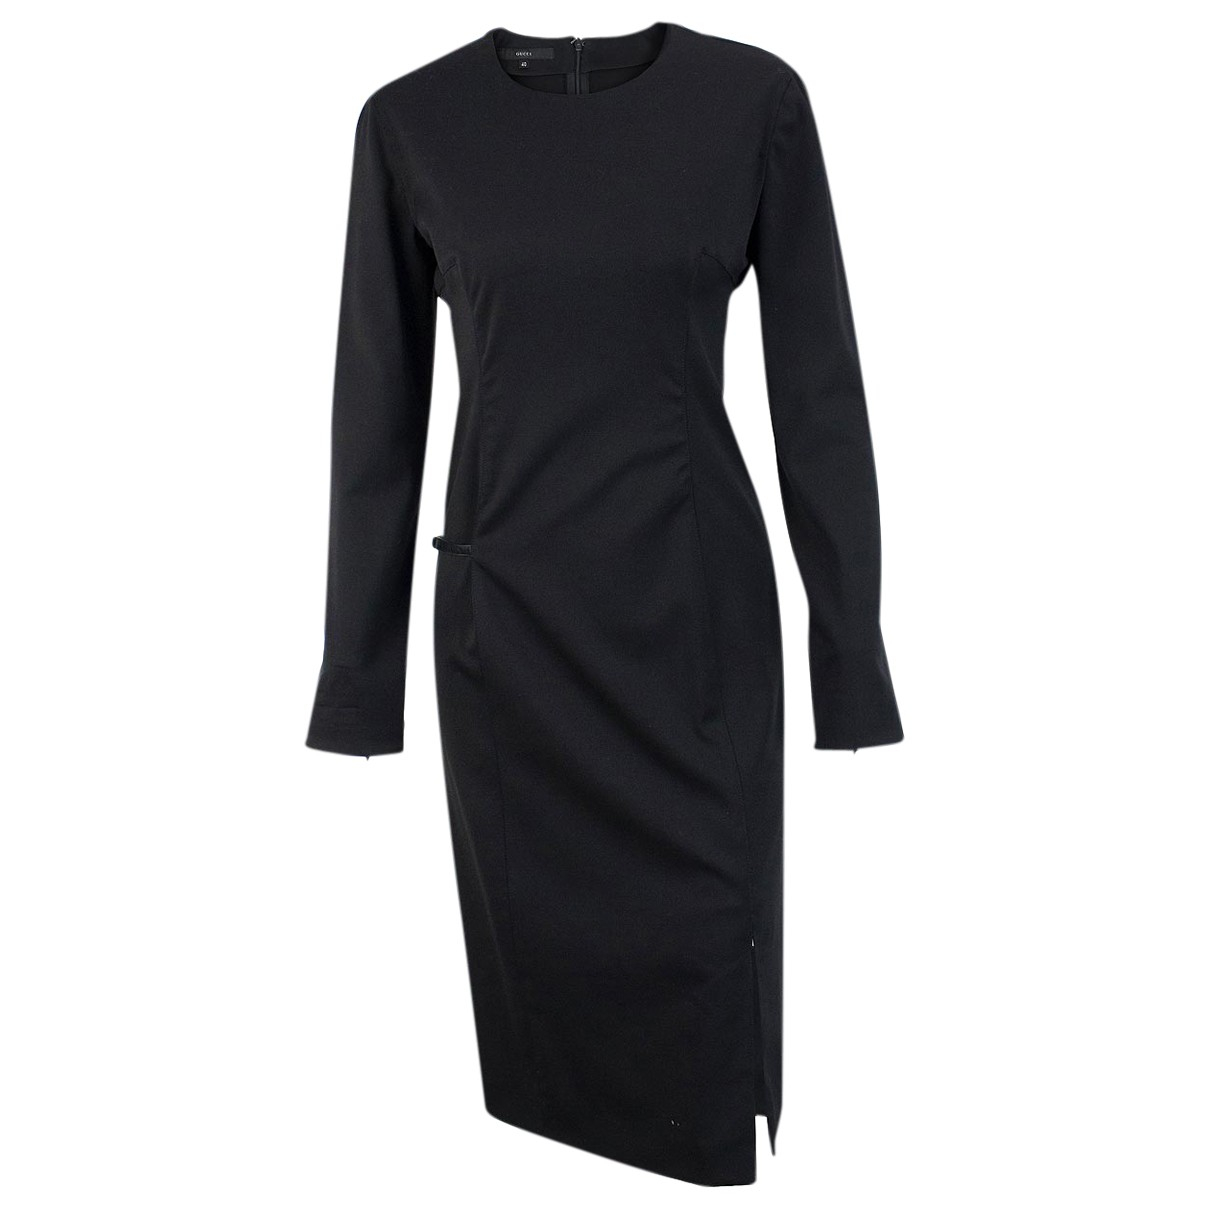 Gucci \N Black Wool dress for Women 40 IT